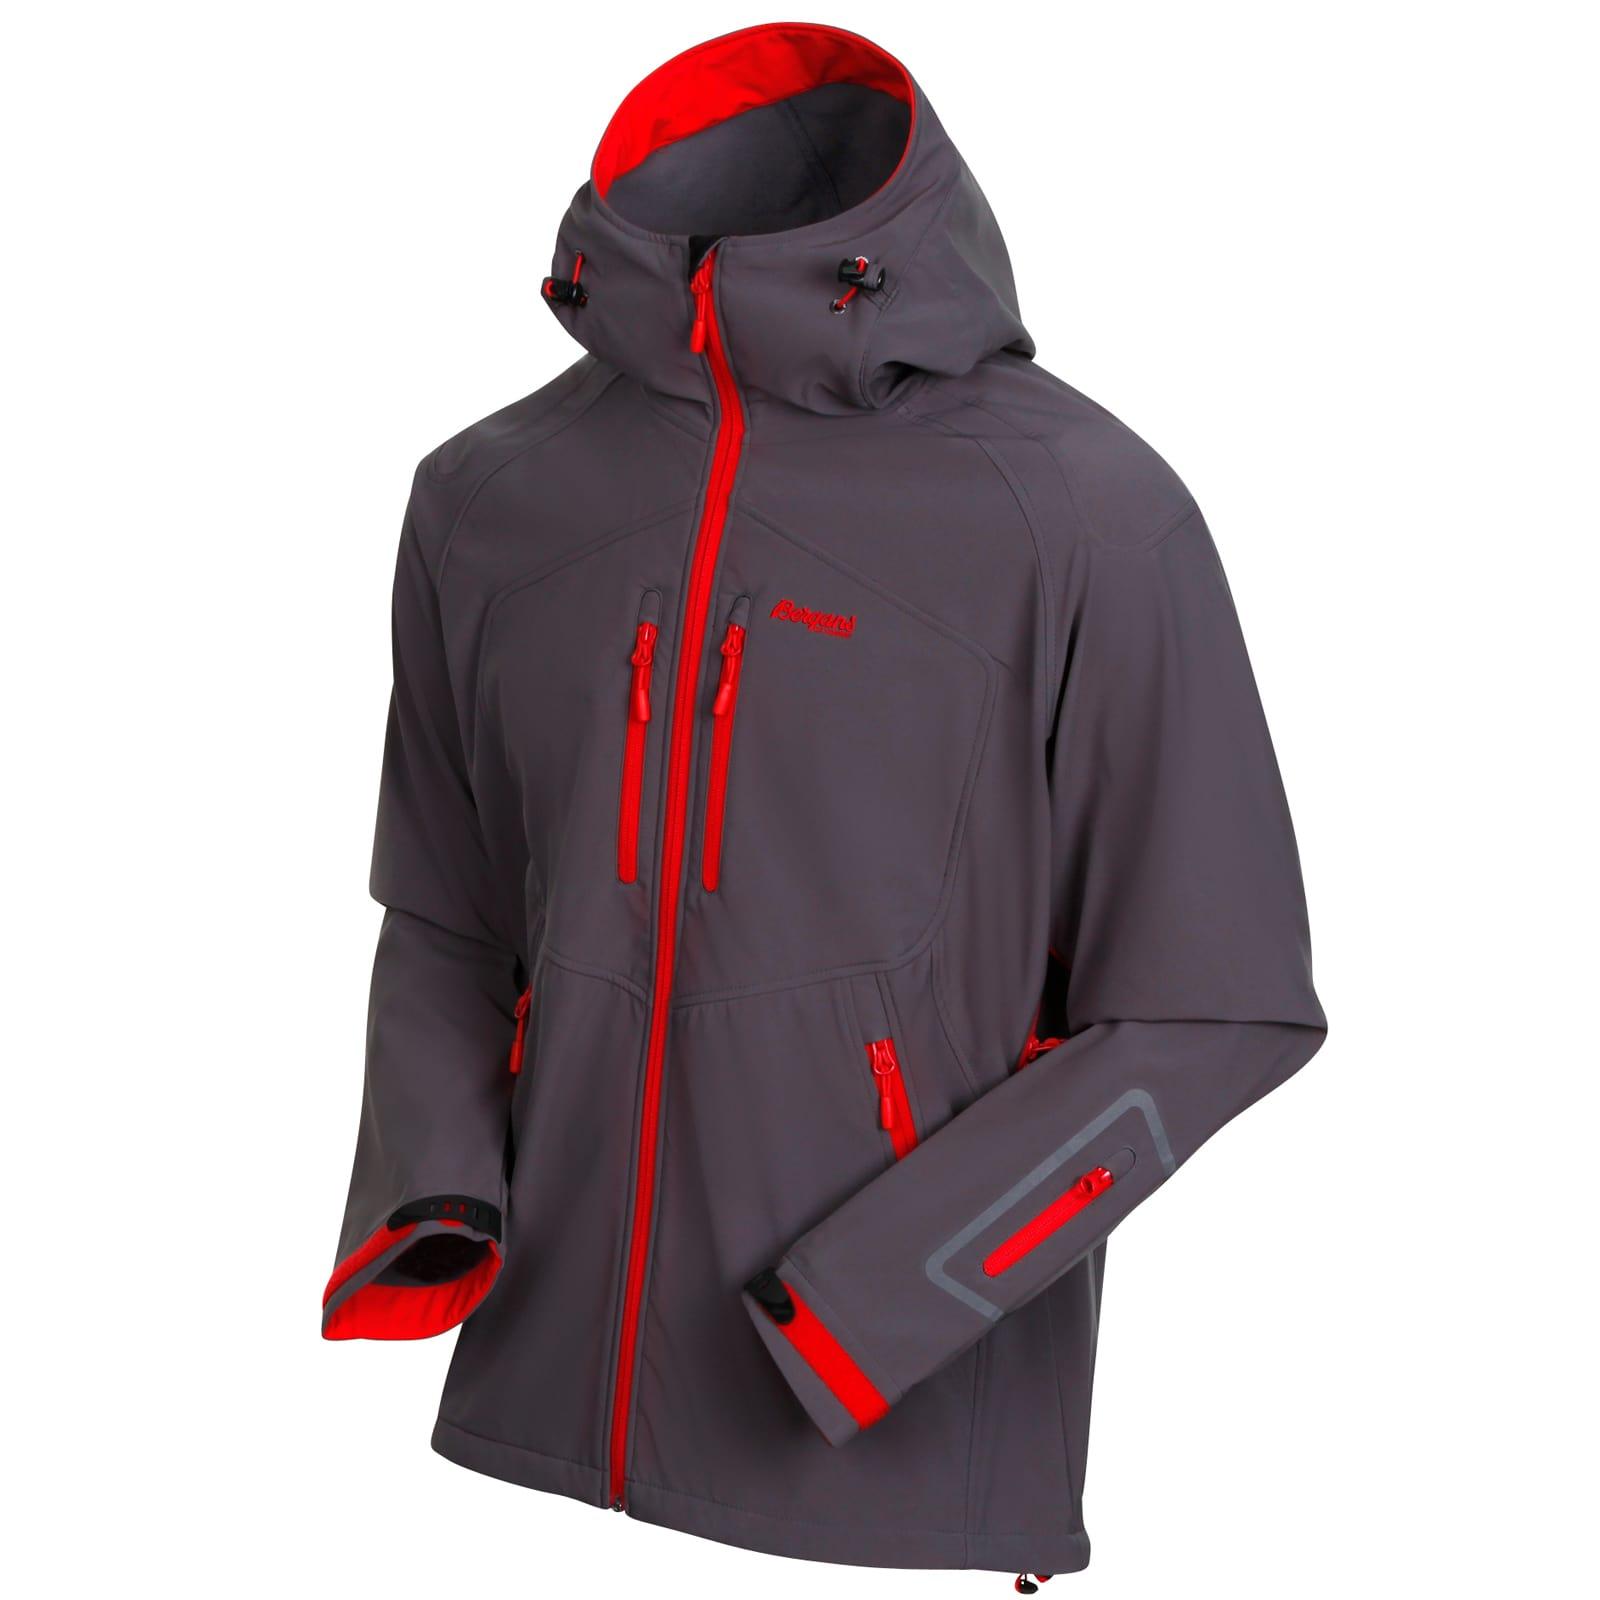 e57687e5 Kjøp Bergans Stranda Softshell Jacket fra Outnorth